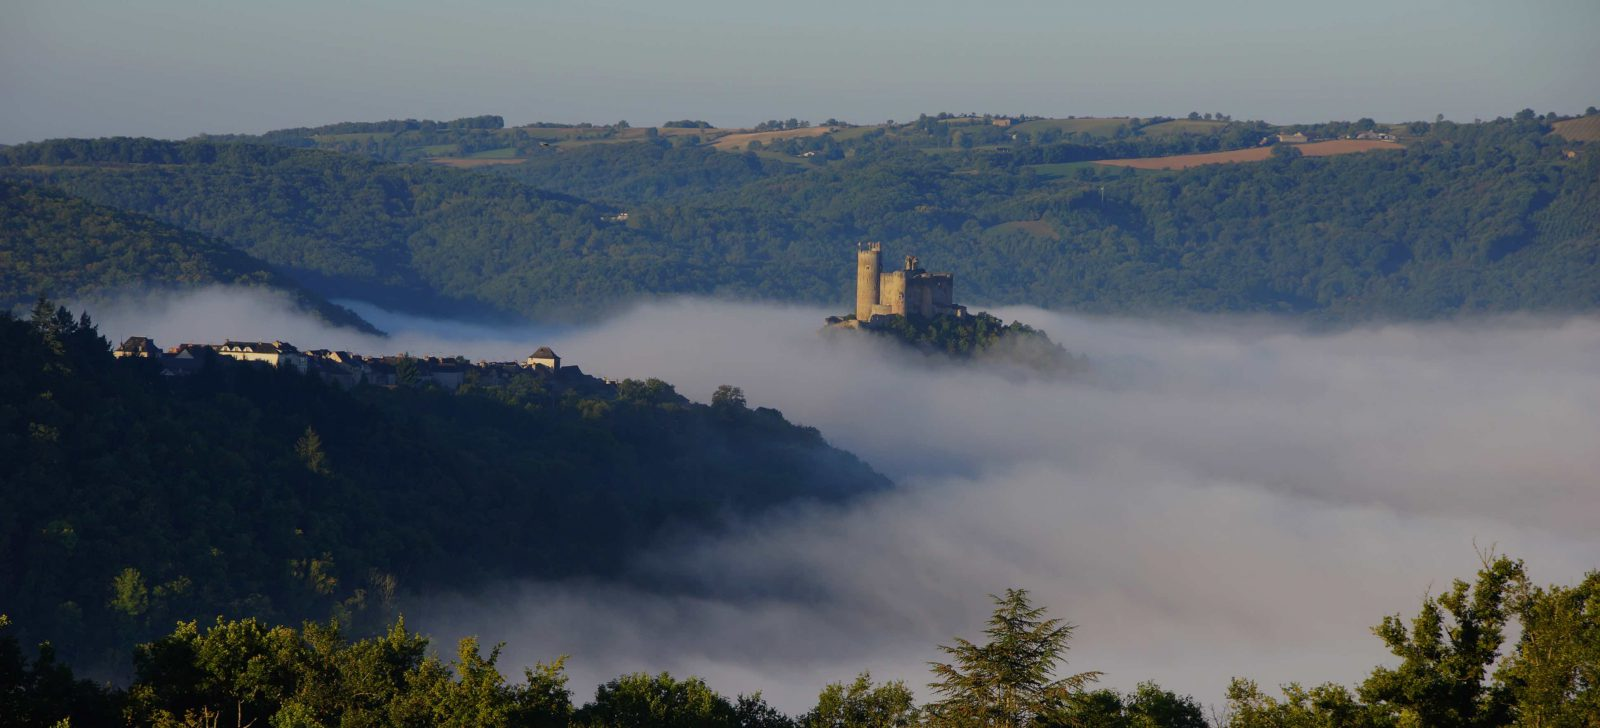 Najac, Aveyron, bastide du Rouergue